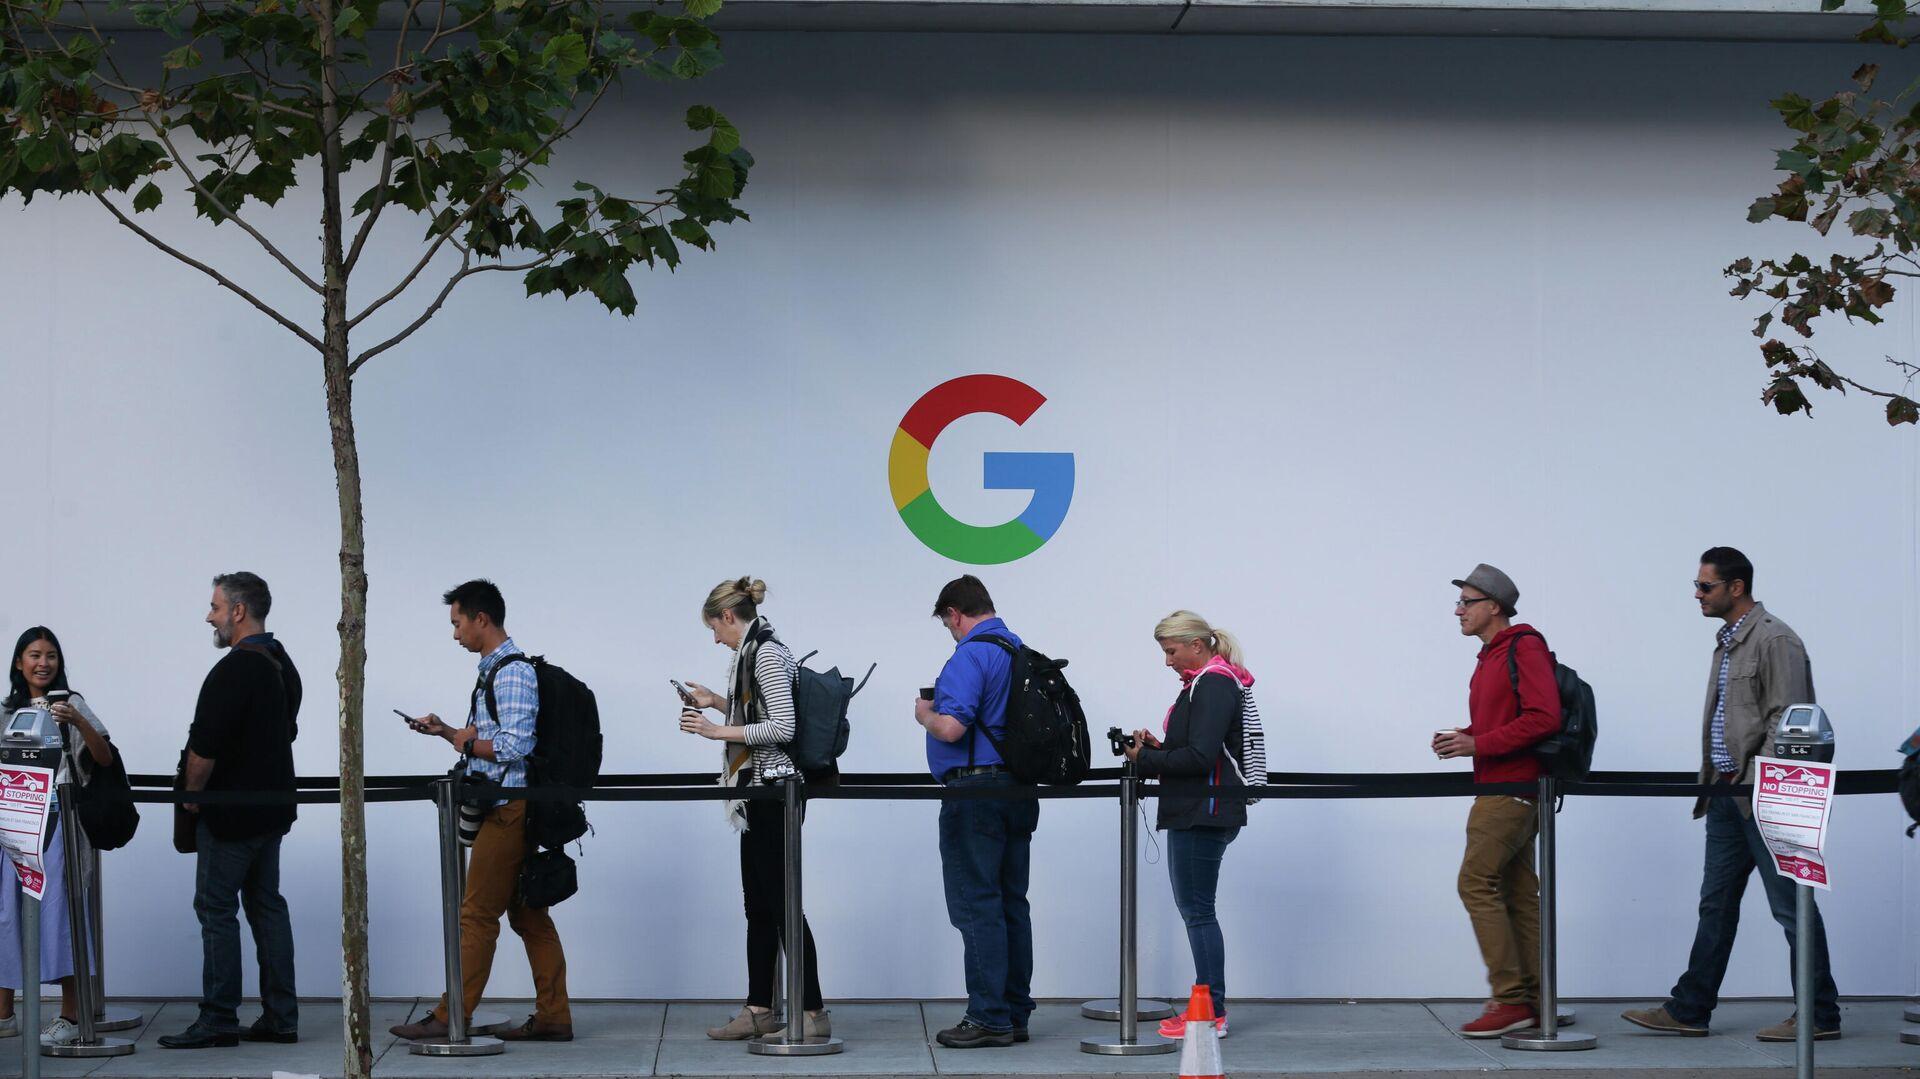 Люди в очереди перед началом презентации продукции компании Google в Сан-Франциско, США - РИА Новости, 1920, 25.11.2020